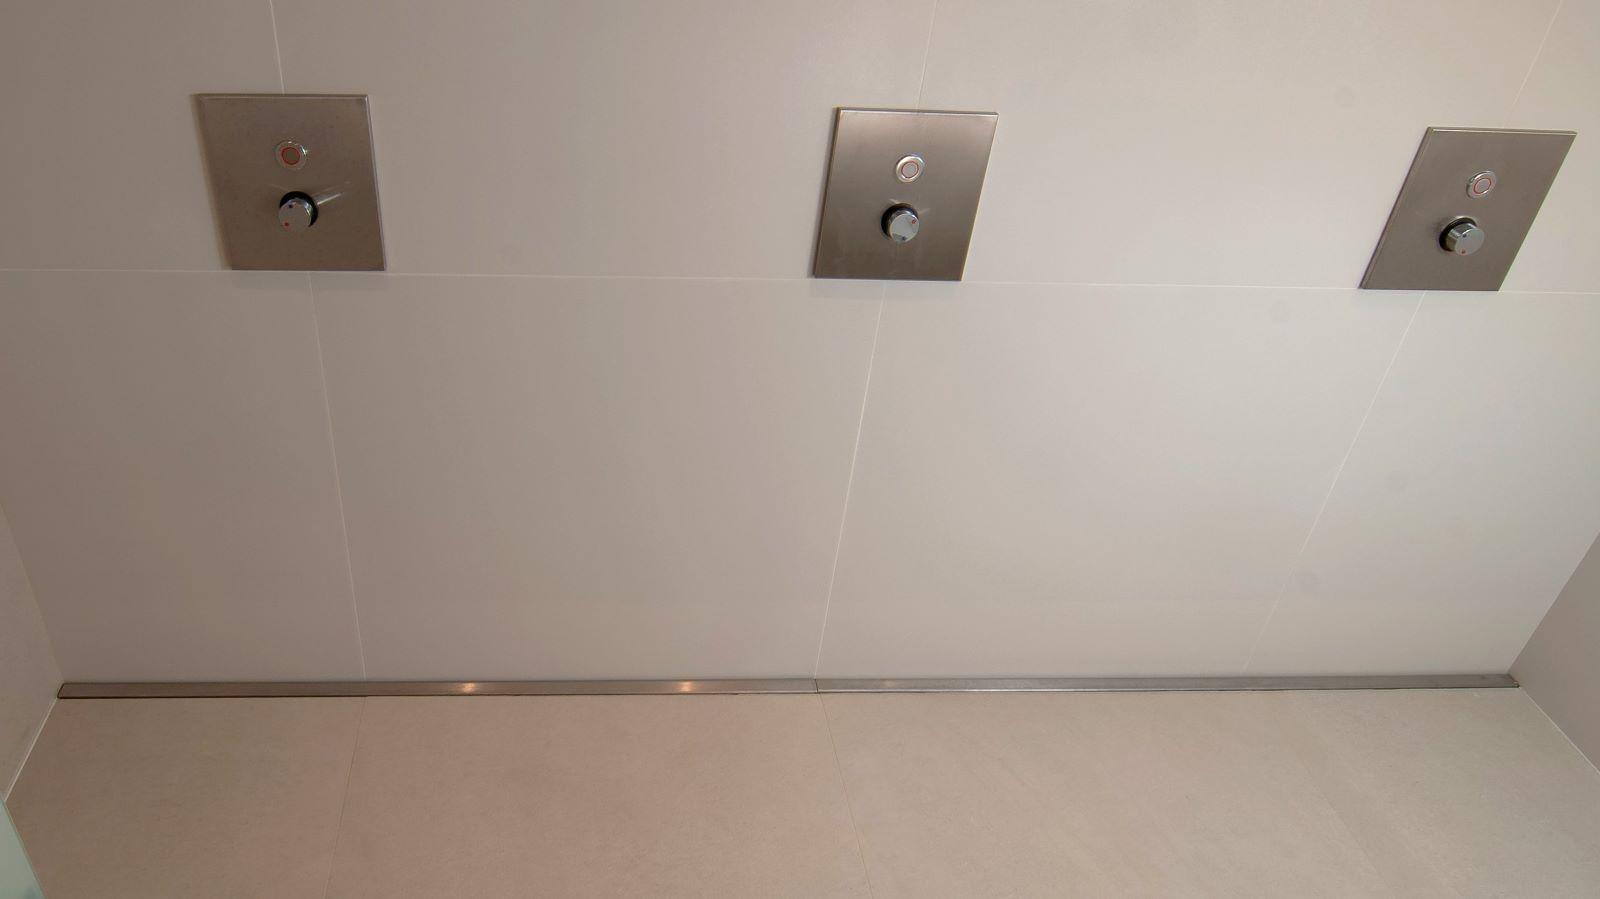 Abgebildet ist eine wandbuendig als reihenduschrinne montierte, extra lange, passgenaue v4a edelstahl-duschrinne pro. Diese sehr flache, schmale reihenduschrinne wird cm-genau massgefertigt bis 600 cm laenge. Die sehr hohe ablaufleistung, einfache montage, sichere abdichtung und einfache verlegung auch von xxl-fliesen machen die duschrinne pro zur ersten wahl als reihenduschrinne fuer barrierefreie reihenduschen in fitness-centern. Die langlebige duschrinne pro ist sehr pflegeleicht. Auch die hygienische reinigung ohne werkzeug und ohne haarsieb gehoeren zu den vielen vorteilen dieser reihenduschrinne in reihenduschanlagen von fitnessstudios.